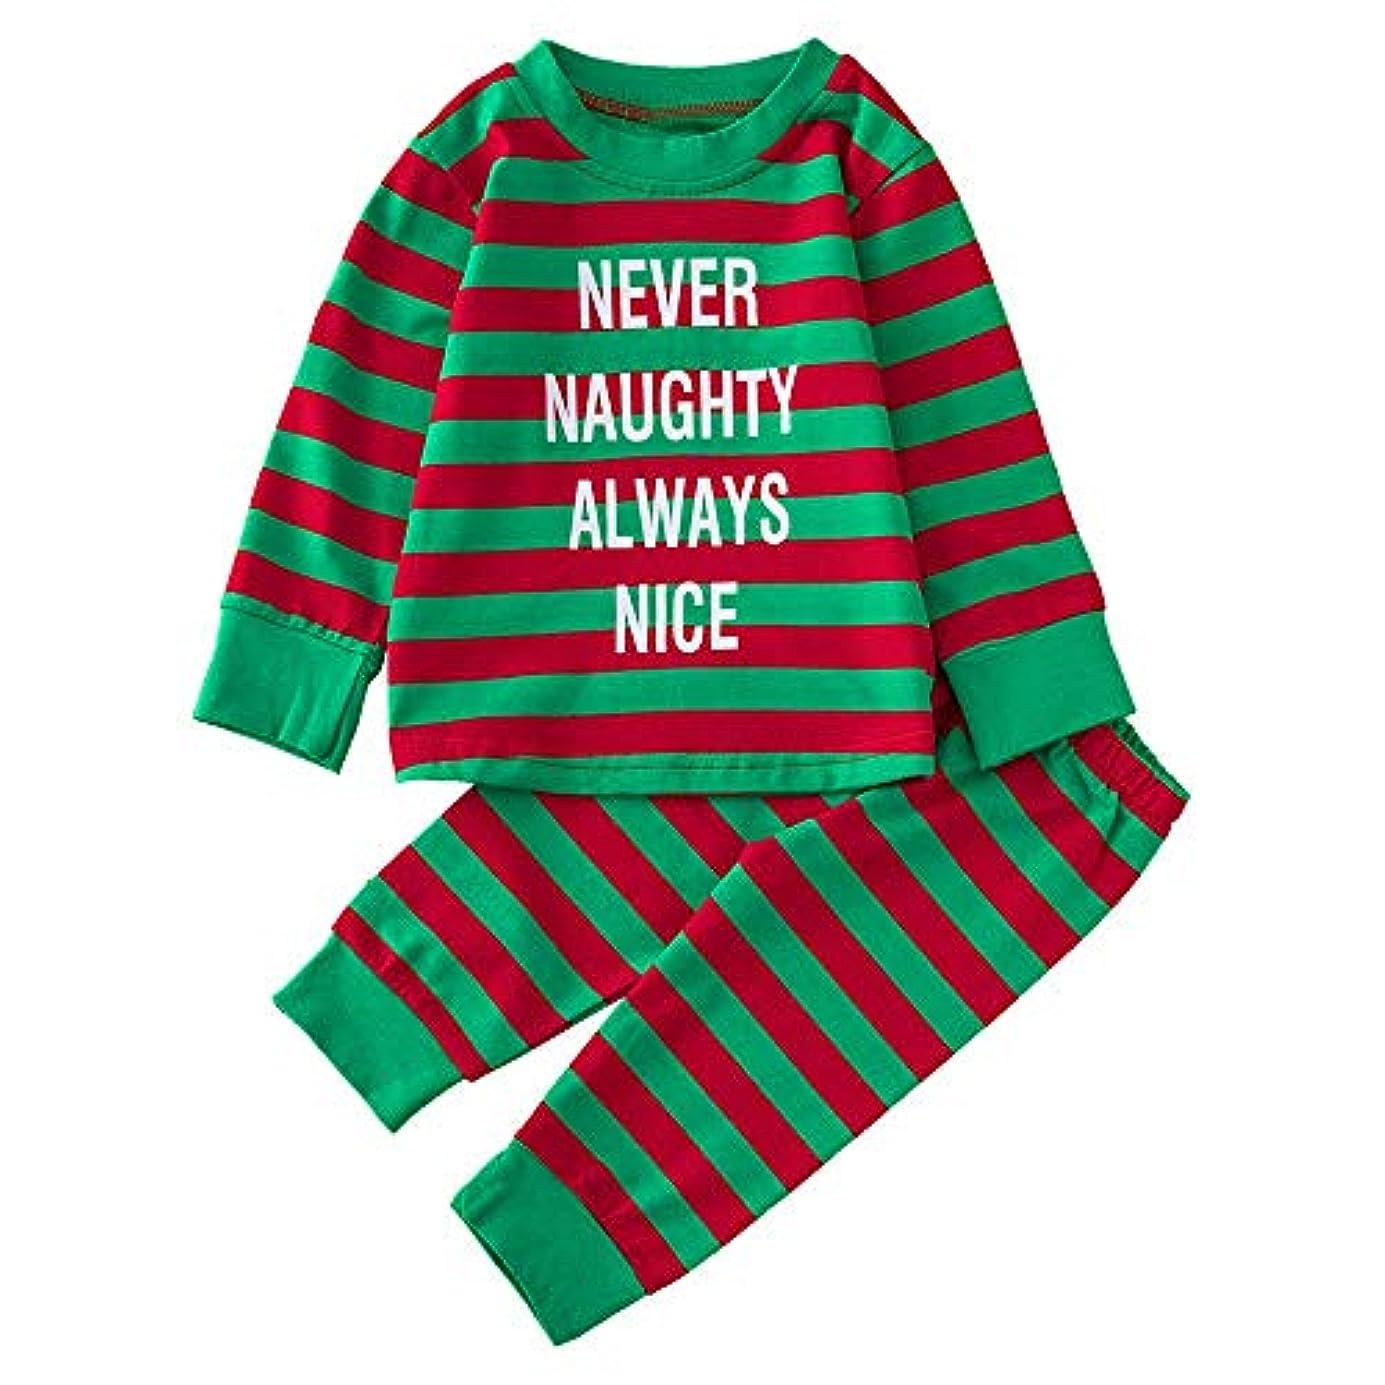 移民食物伝記BHKK 赤ちゃん幼児少年少女レタープリントトップスTシャツ+パンツクリスマスコスチューム 6 ヶ月-24 ヶ月 18ヶ月